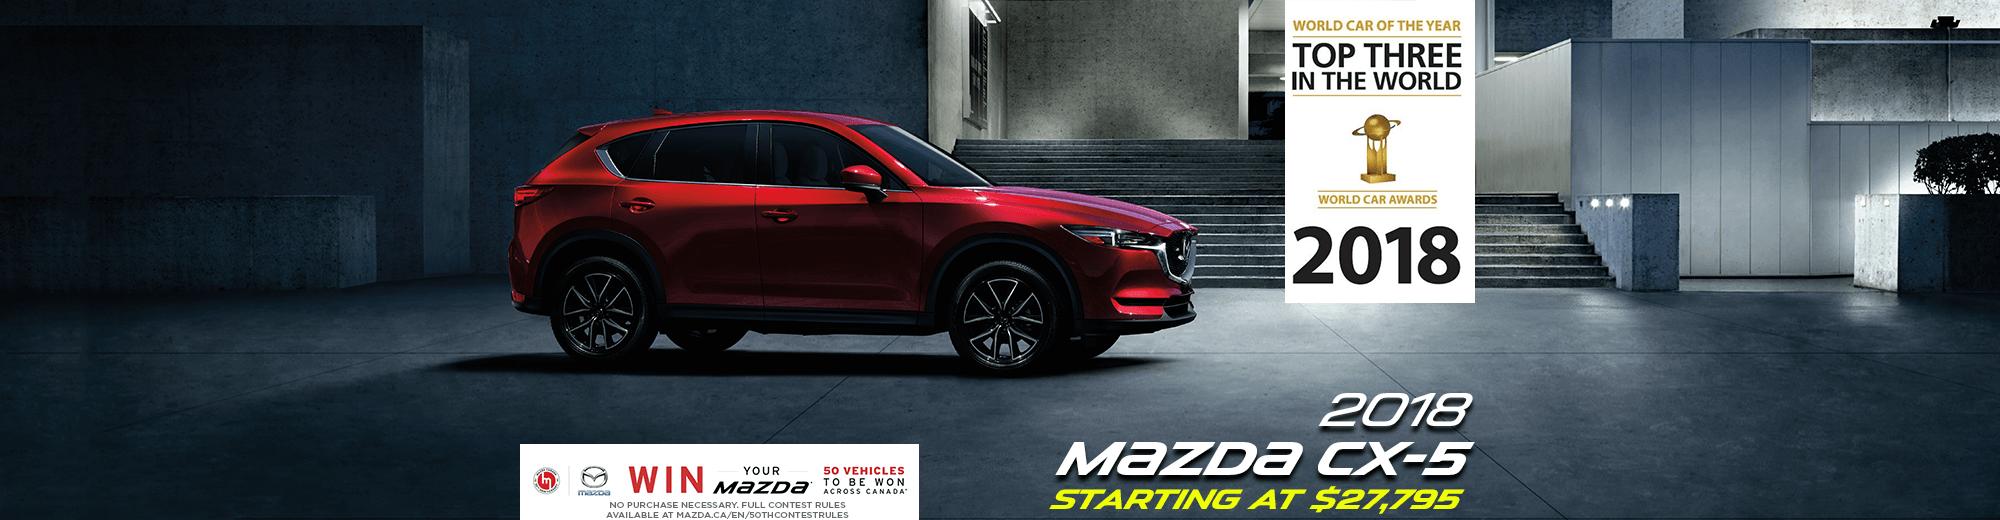 2018 Mazda CX-5: World Car of the Year